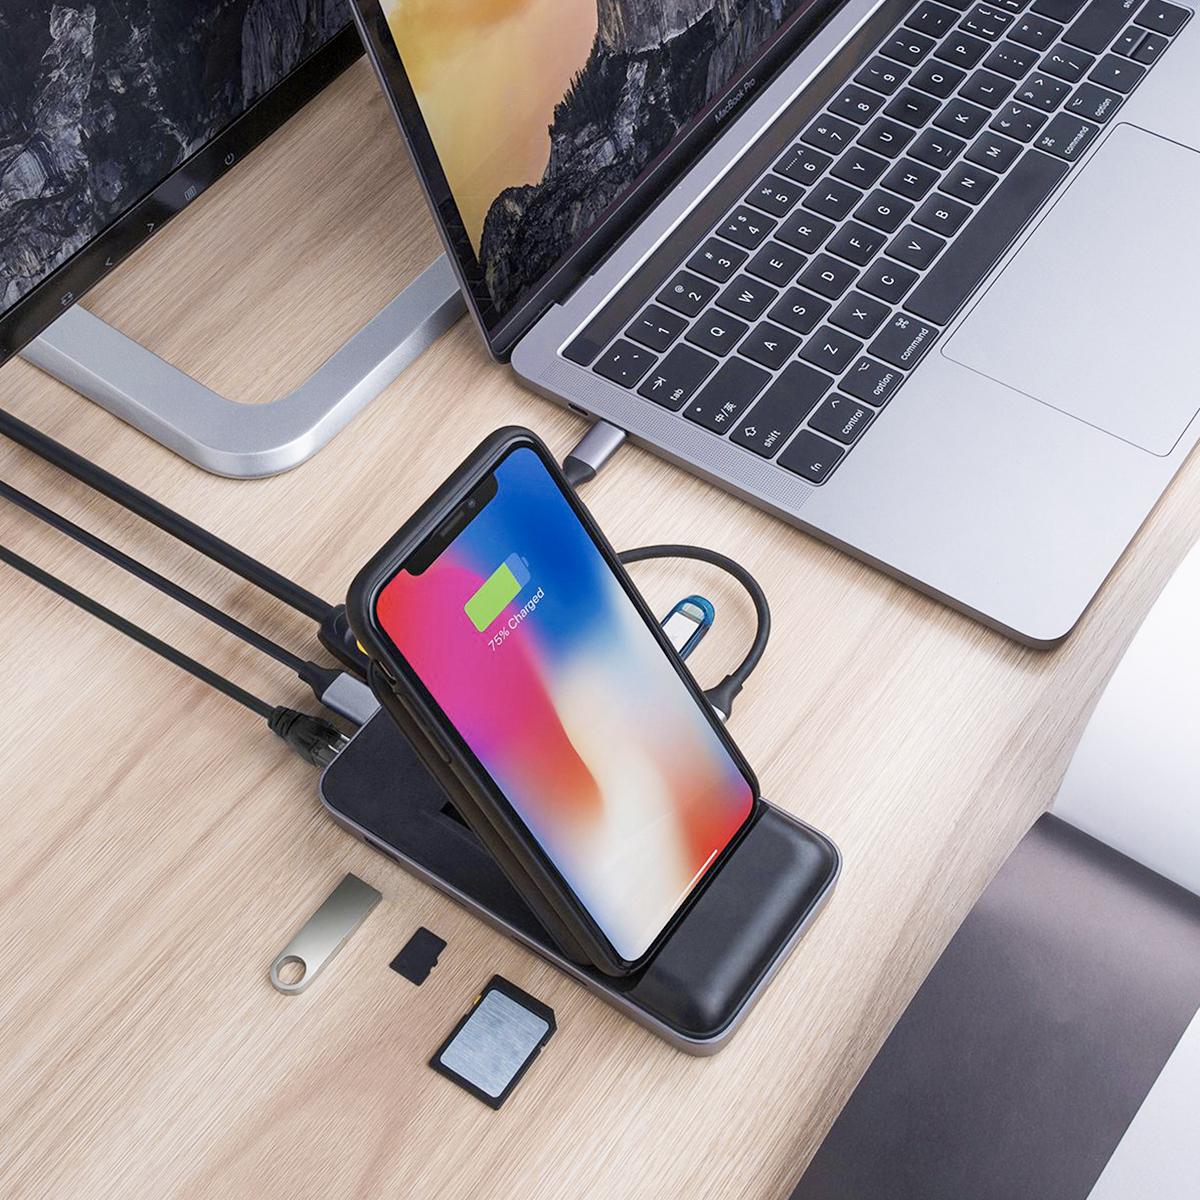 パソコン周りのごちゃごちゃを解決!ハブと充電スタンドがひとつに|「USB-Cハブ+ワイヤレス高速充電器」|Hyper Drive|スマホアクセサリーで快適なモバイルライフを。スマホがもっと便利になるおすすめグッズをご紹介